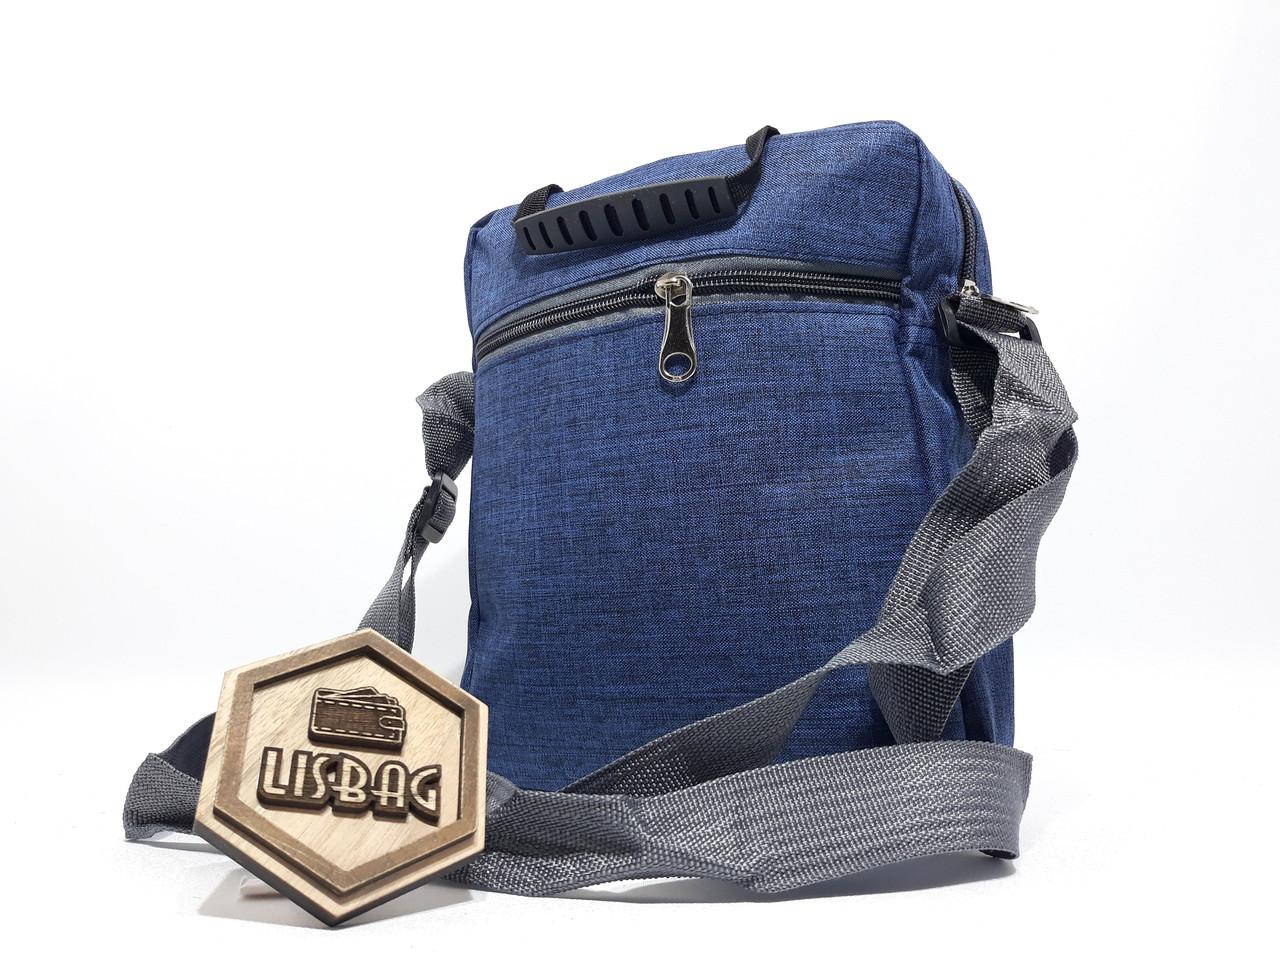 e27ffb921112 ... Чоловіча Синя сумка планшетка / барсетка середнього розміру спортивного  стилю, ...